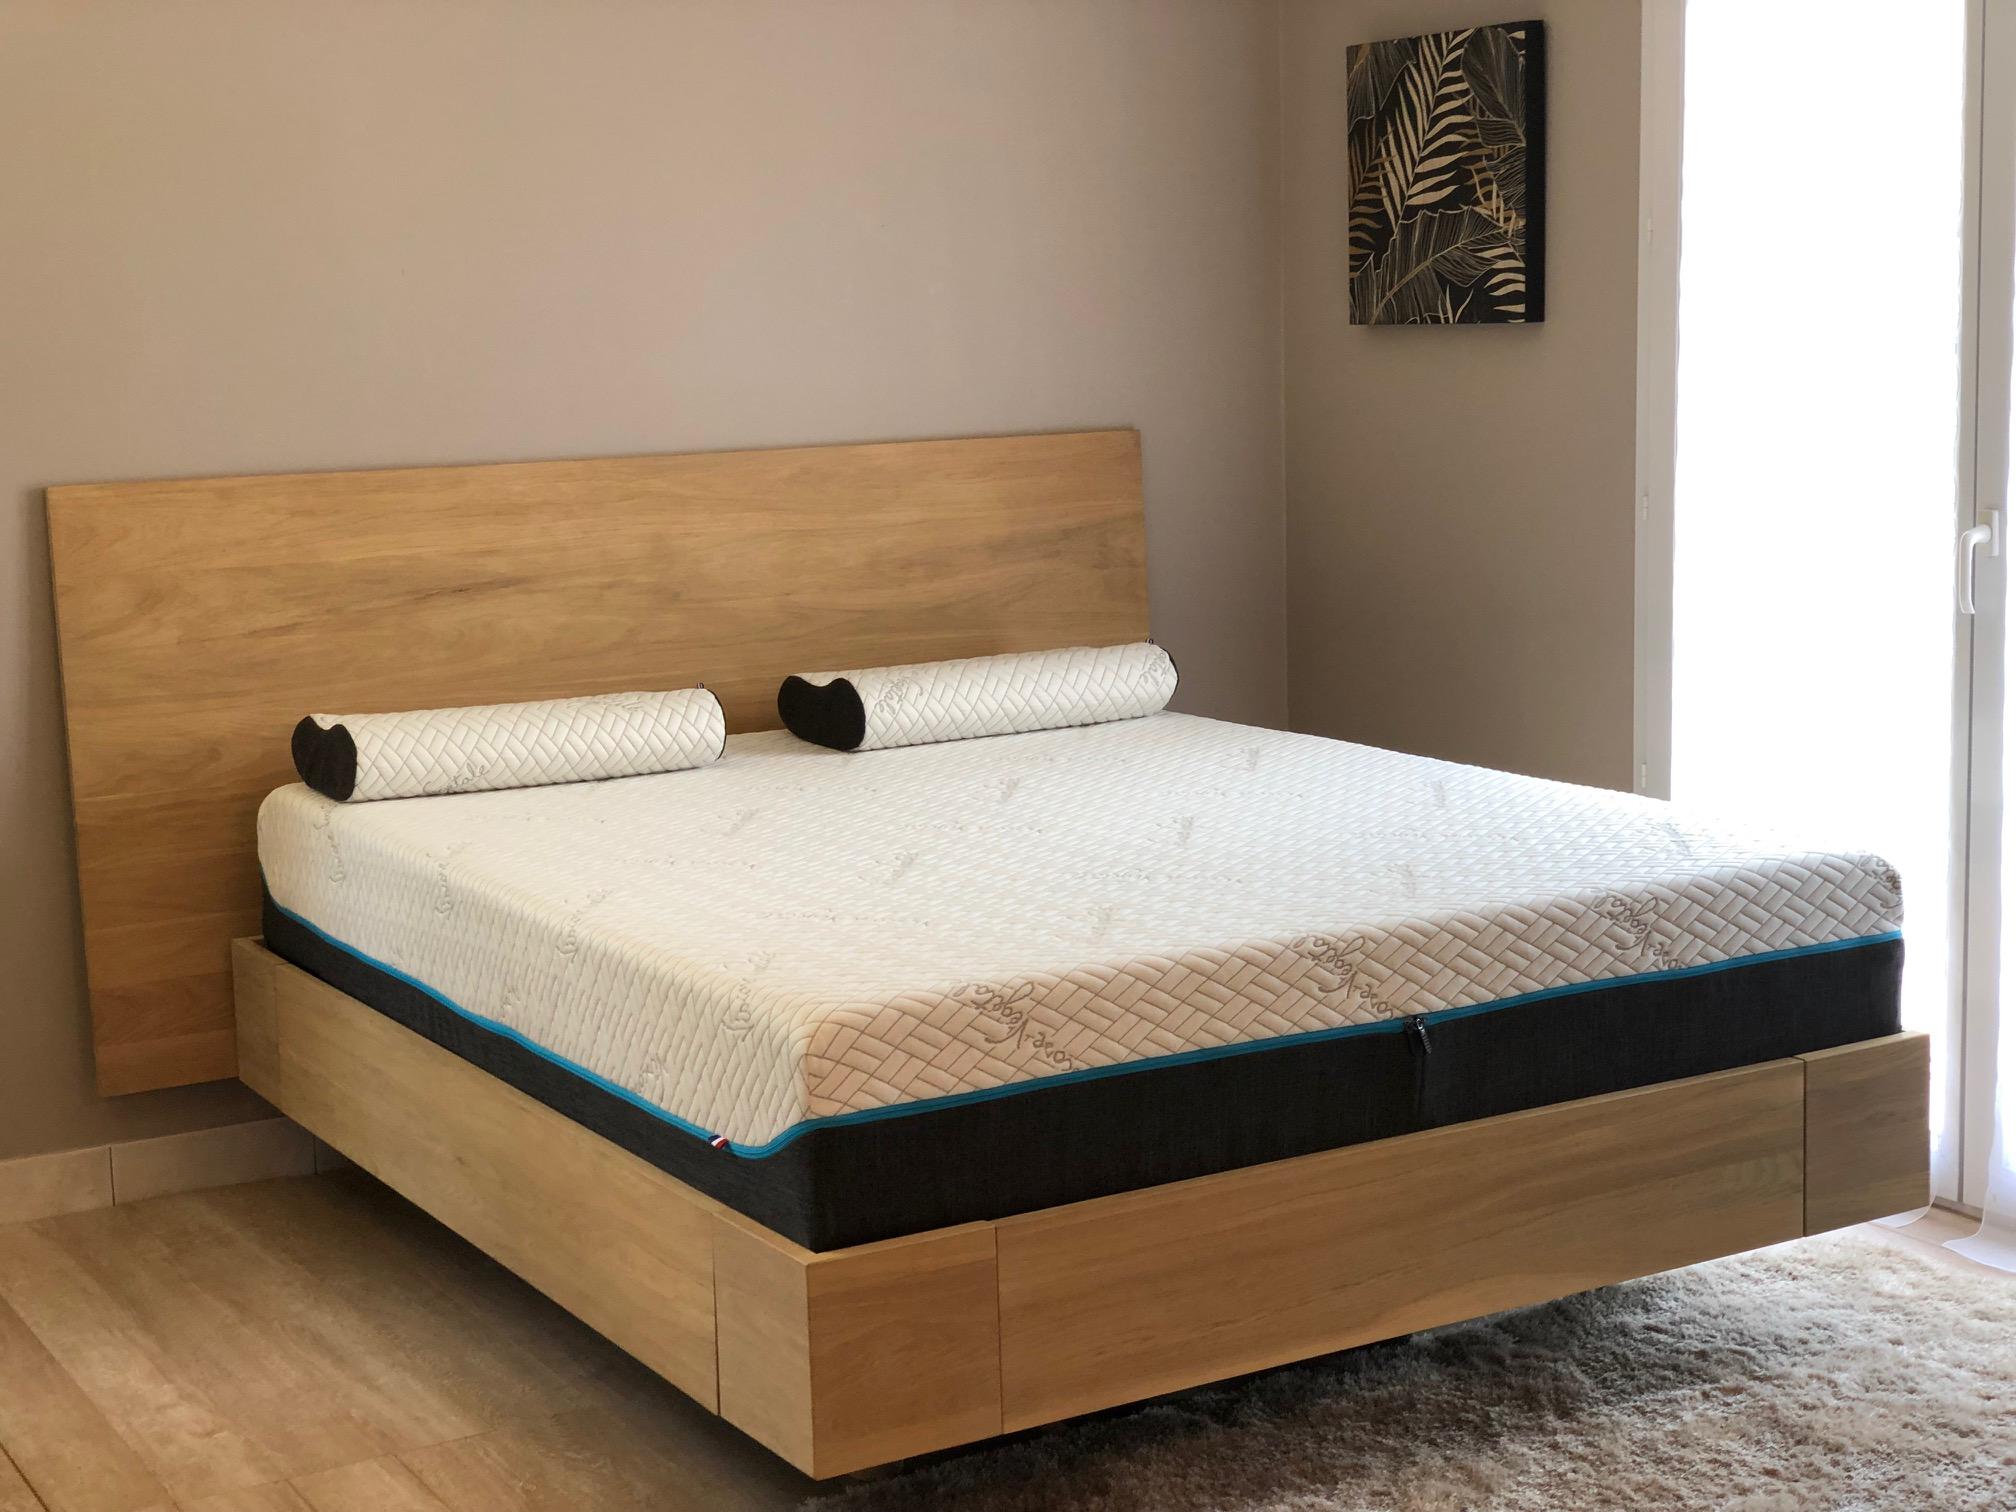 lit en chêne massif avec 11 teintes au choix